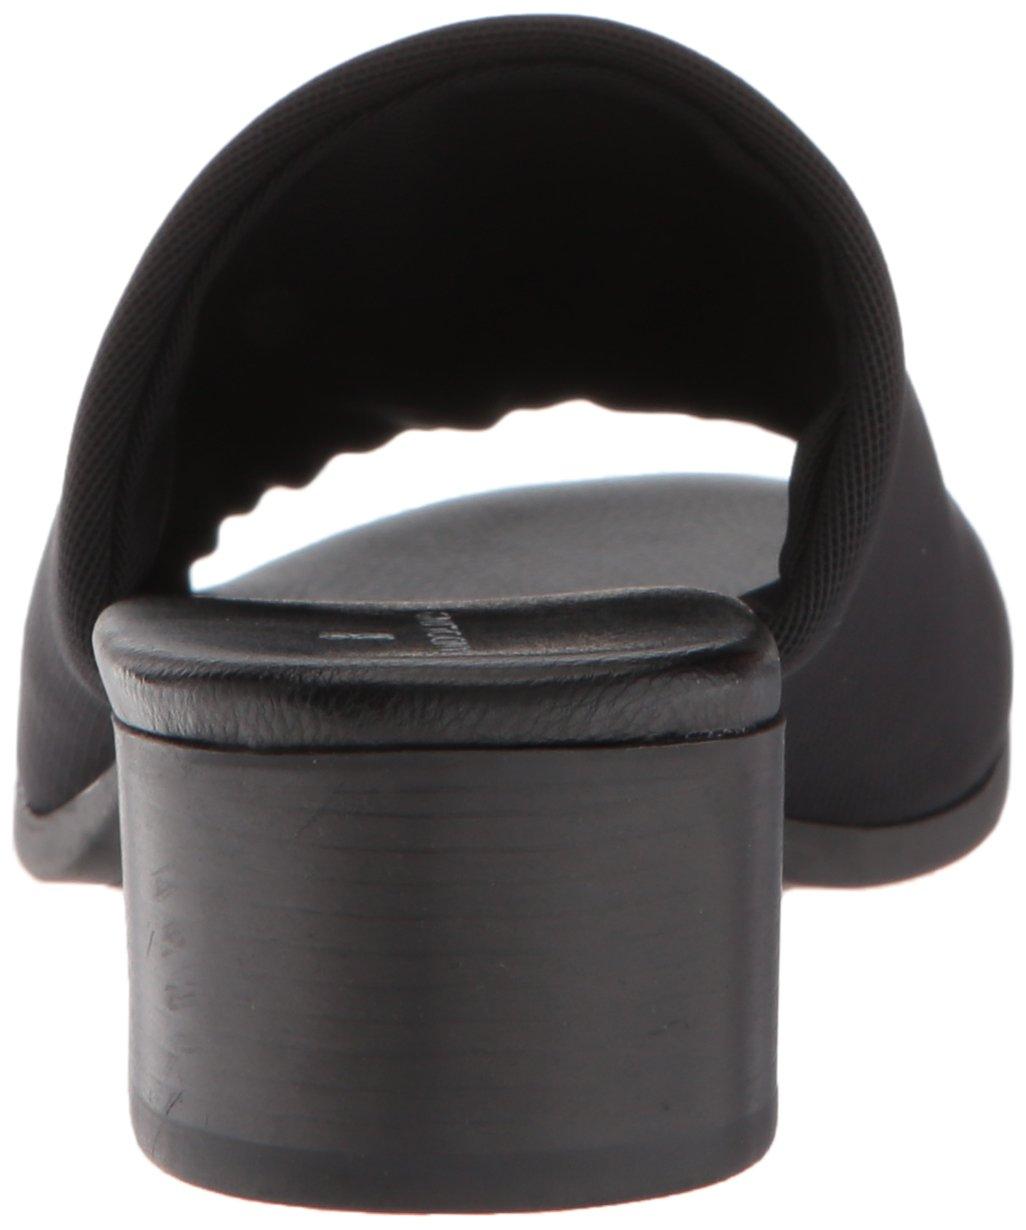 Bandolino Women's Evelia Slide Sandal B077RZVY1G 5.5 B(M) US|Black Fabric